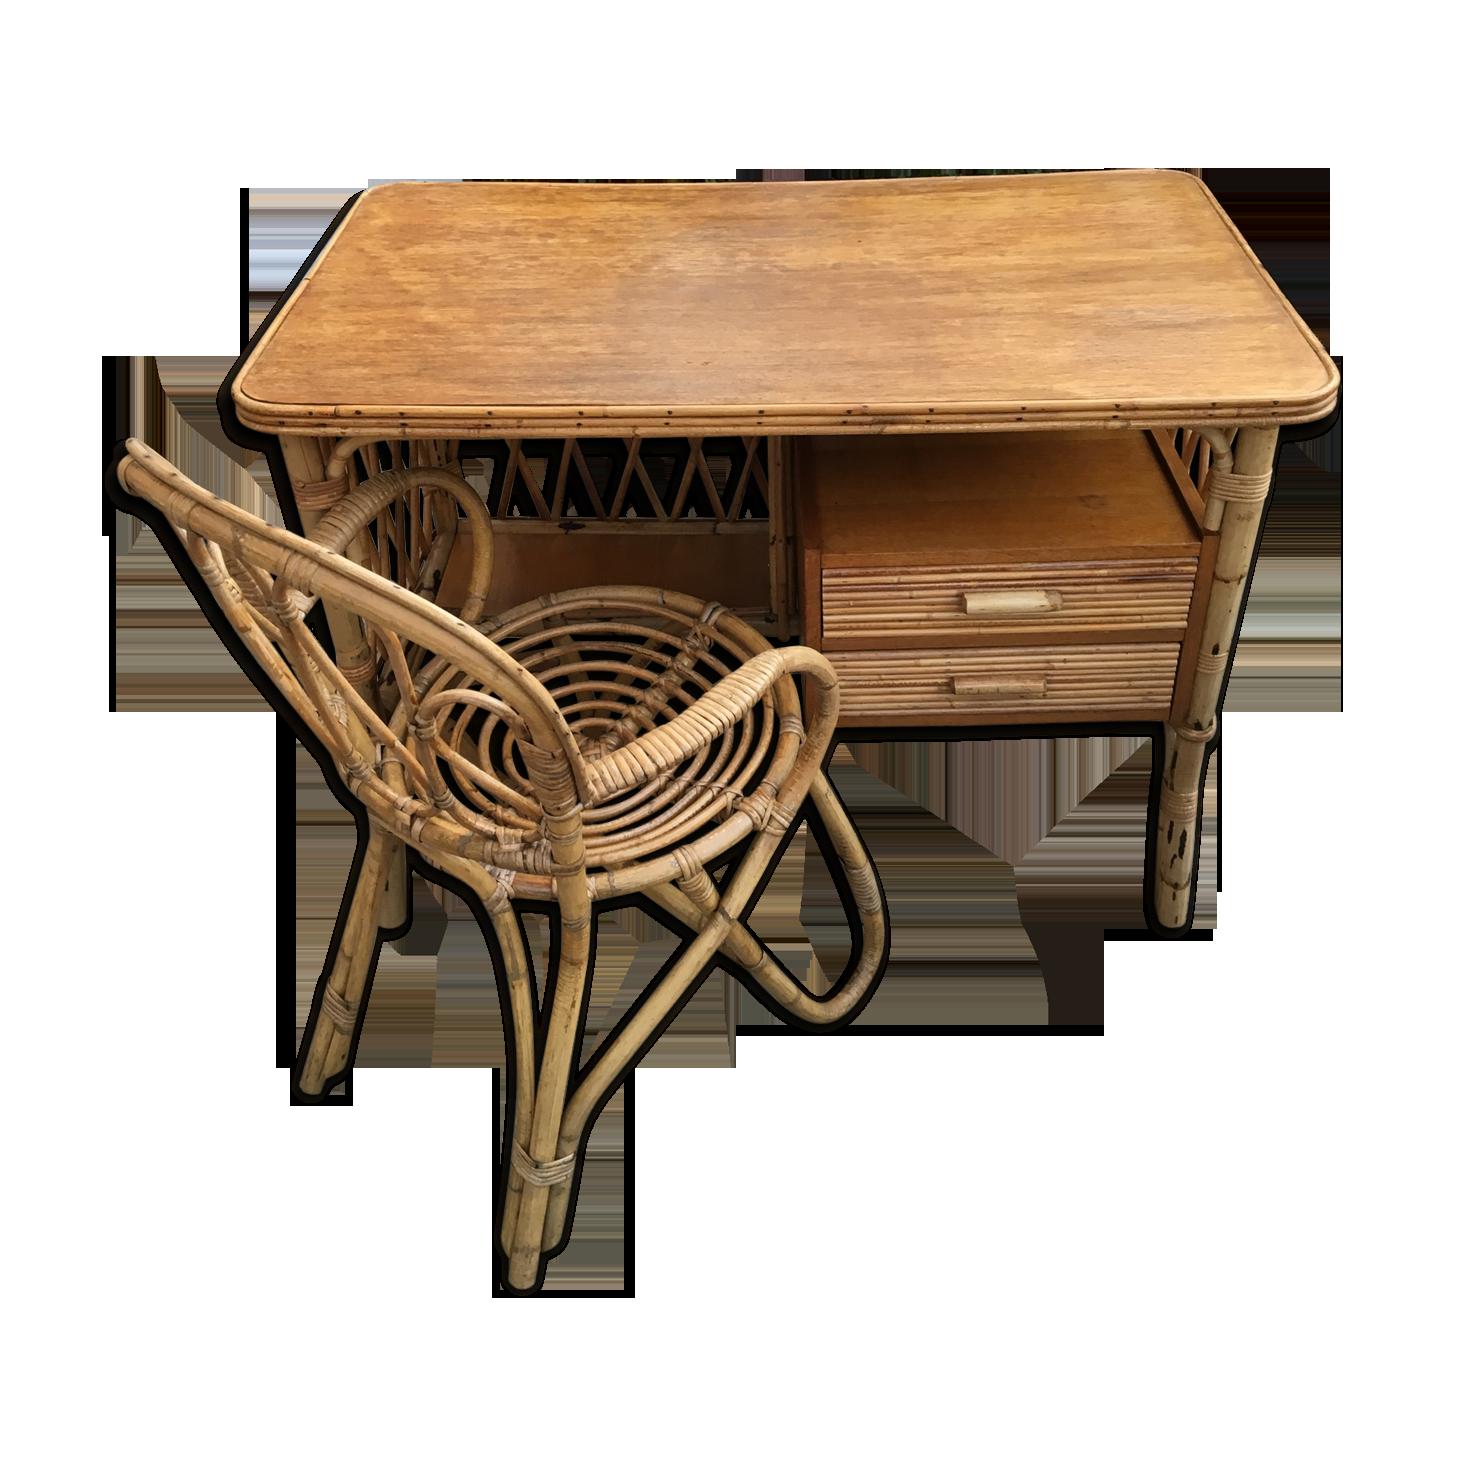 Bureau en rotin et son fauteuil s rotin et osier bois